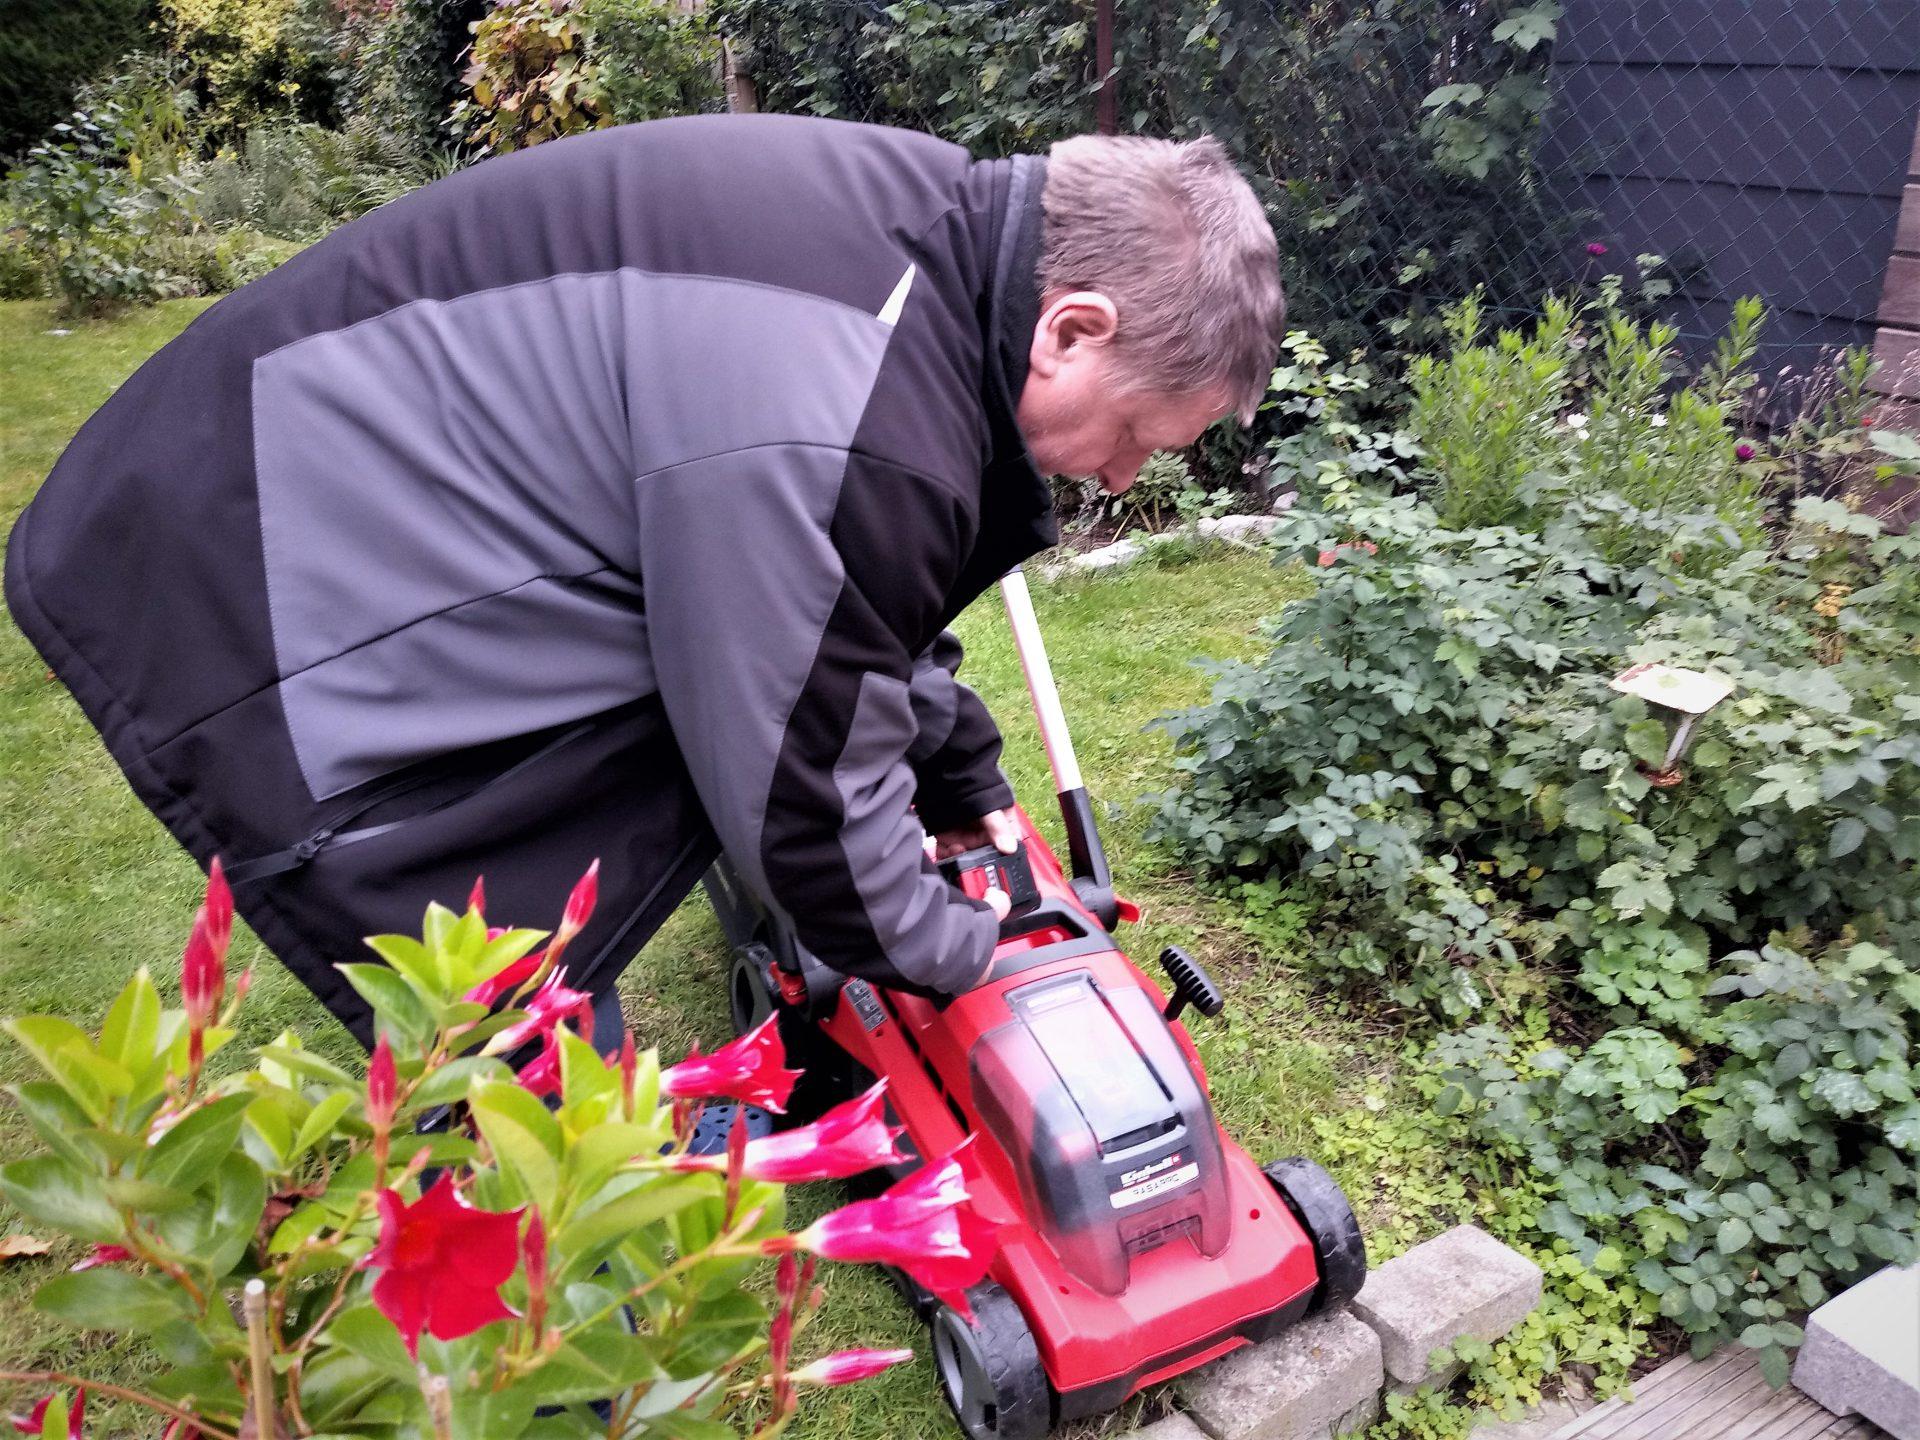 Ob Rasenpflege oder Laub fegen. Im Garten ist immer viel zu tun.